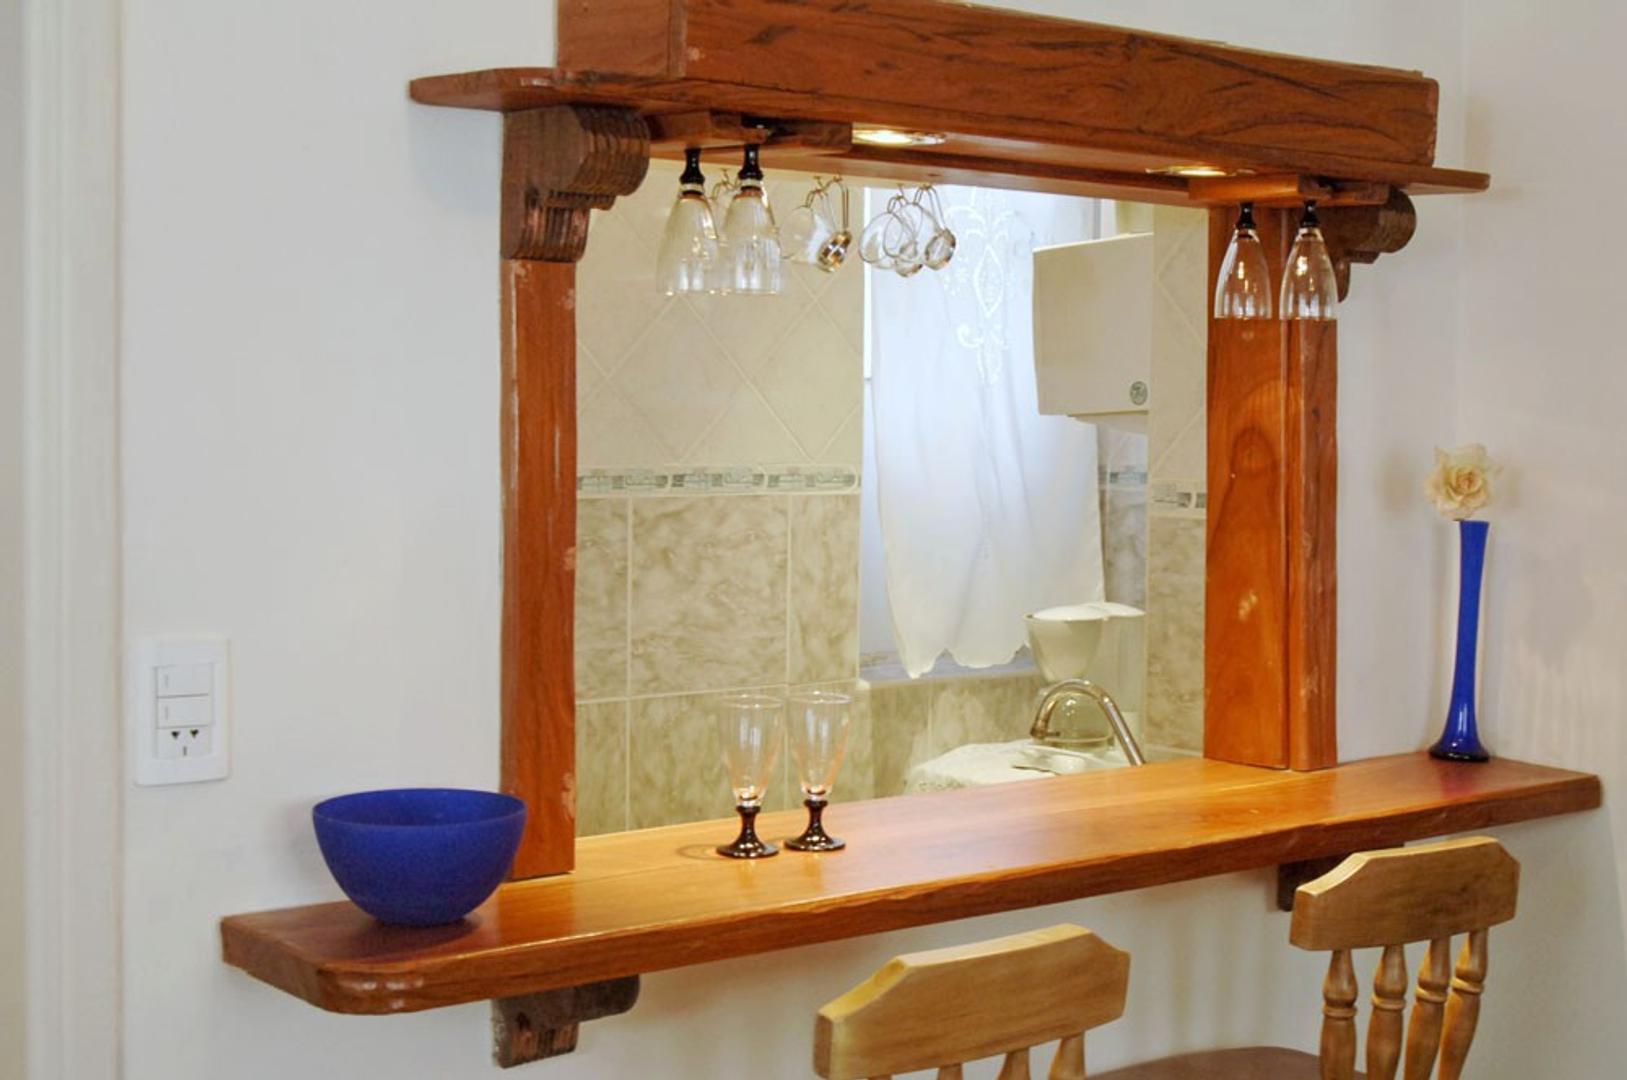 ALQUILO 2 AMB-DUEÑO DIRECTO-muy luminoso-desayunador-pisos parquet -semi amueblado-apto profesional